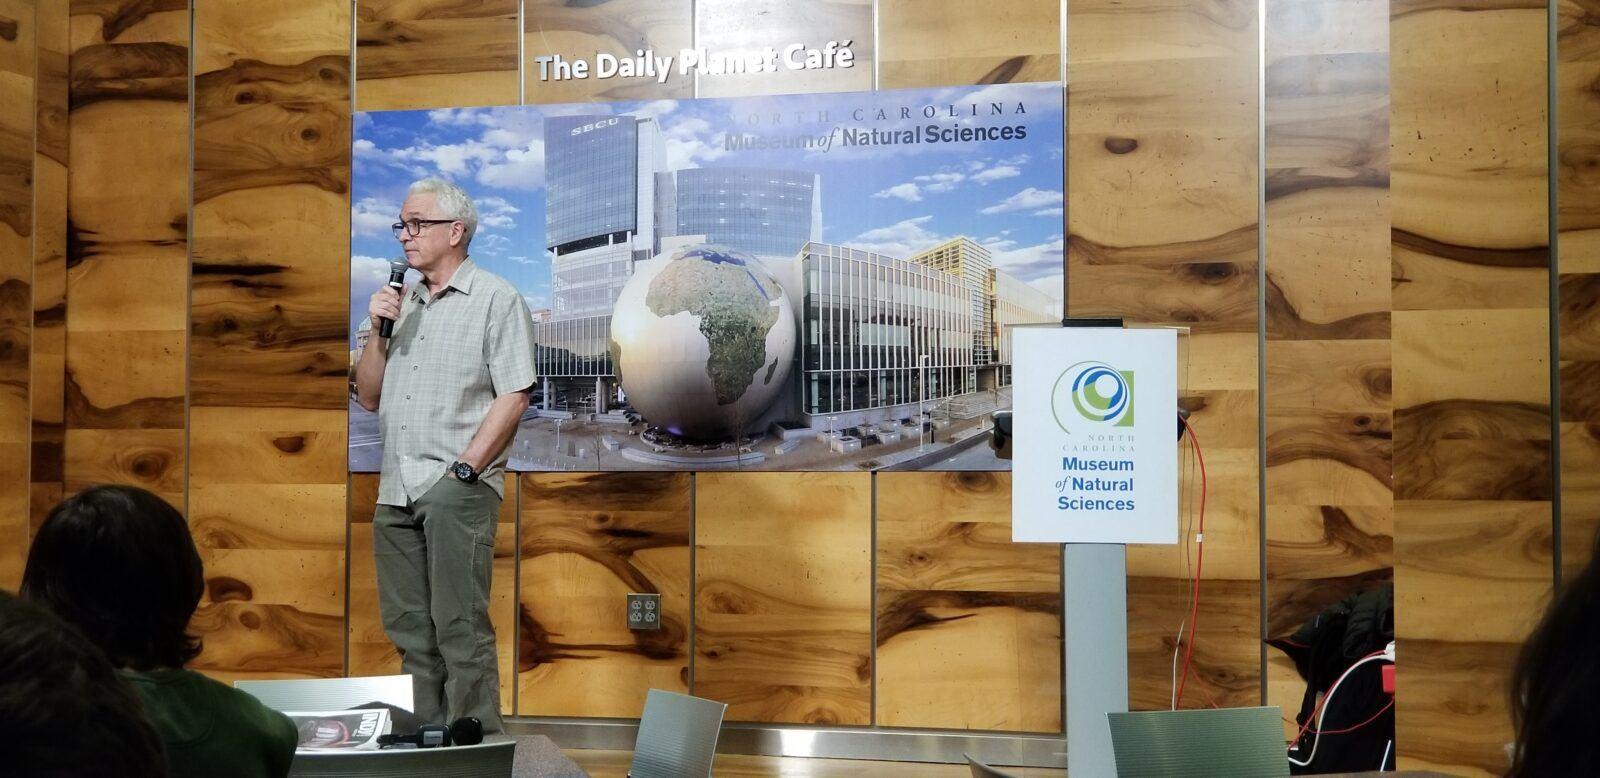 thomas smith presentation + q&a at north carolina museum of natural sciences